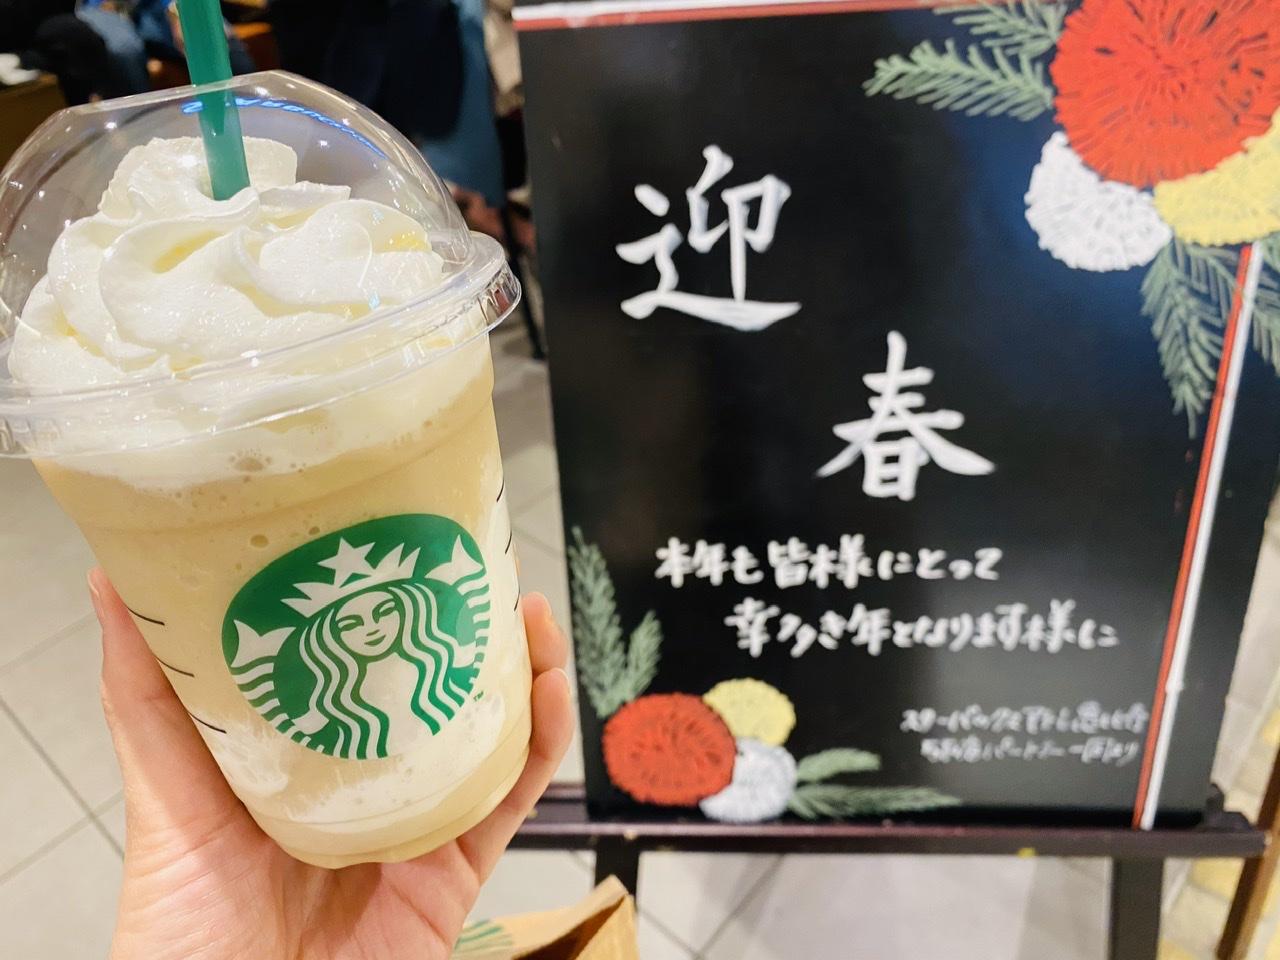 【スタバ新作】1週間限定販売!《ほうじ茶クリームフラペチーノ》は絶対飲んで♡♡_4